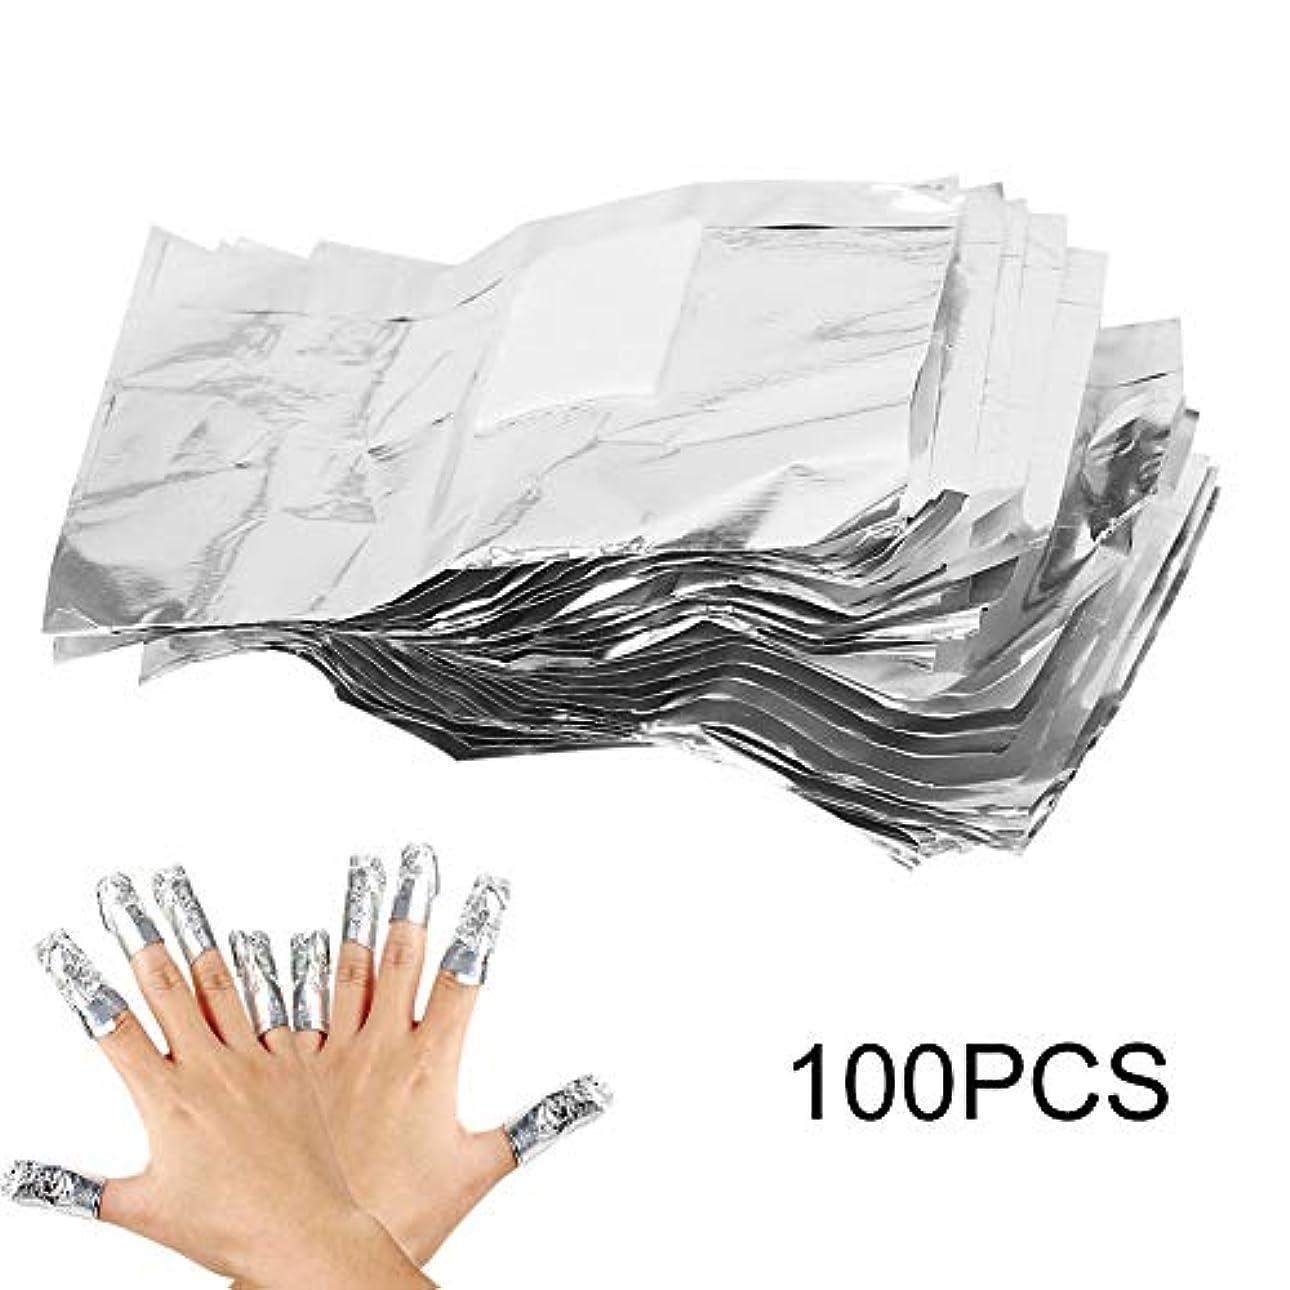 広々挑む合図ネイルポリッシュリムーバークリップ マニキュアの除去剤 錫ホイル 100Pcs オレンジ 色棒付き紫外線ゲルの除去剤の綿パッドを包みます